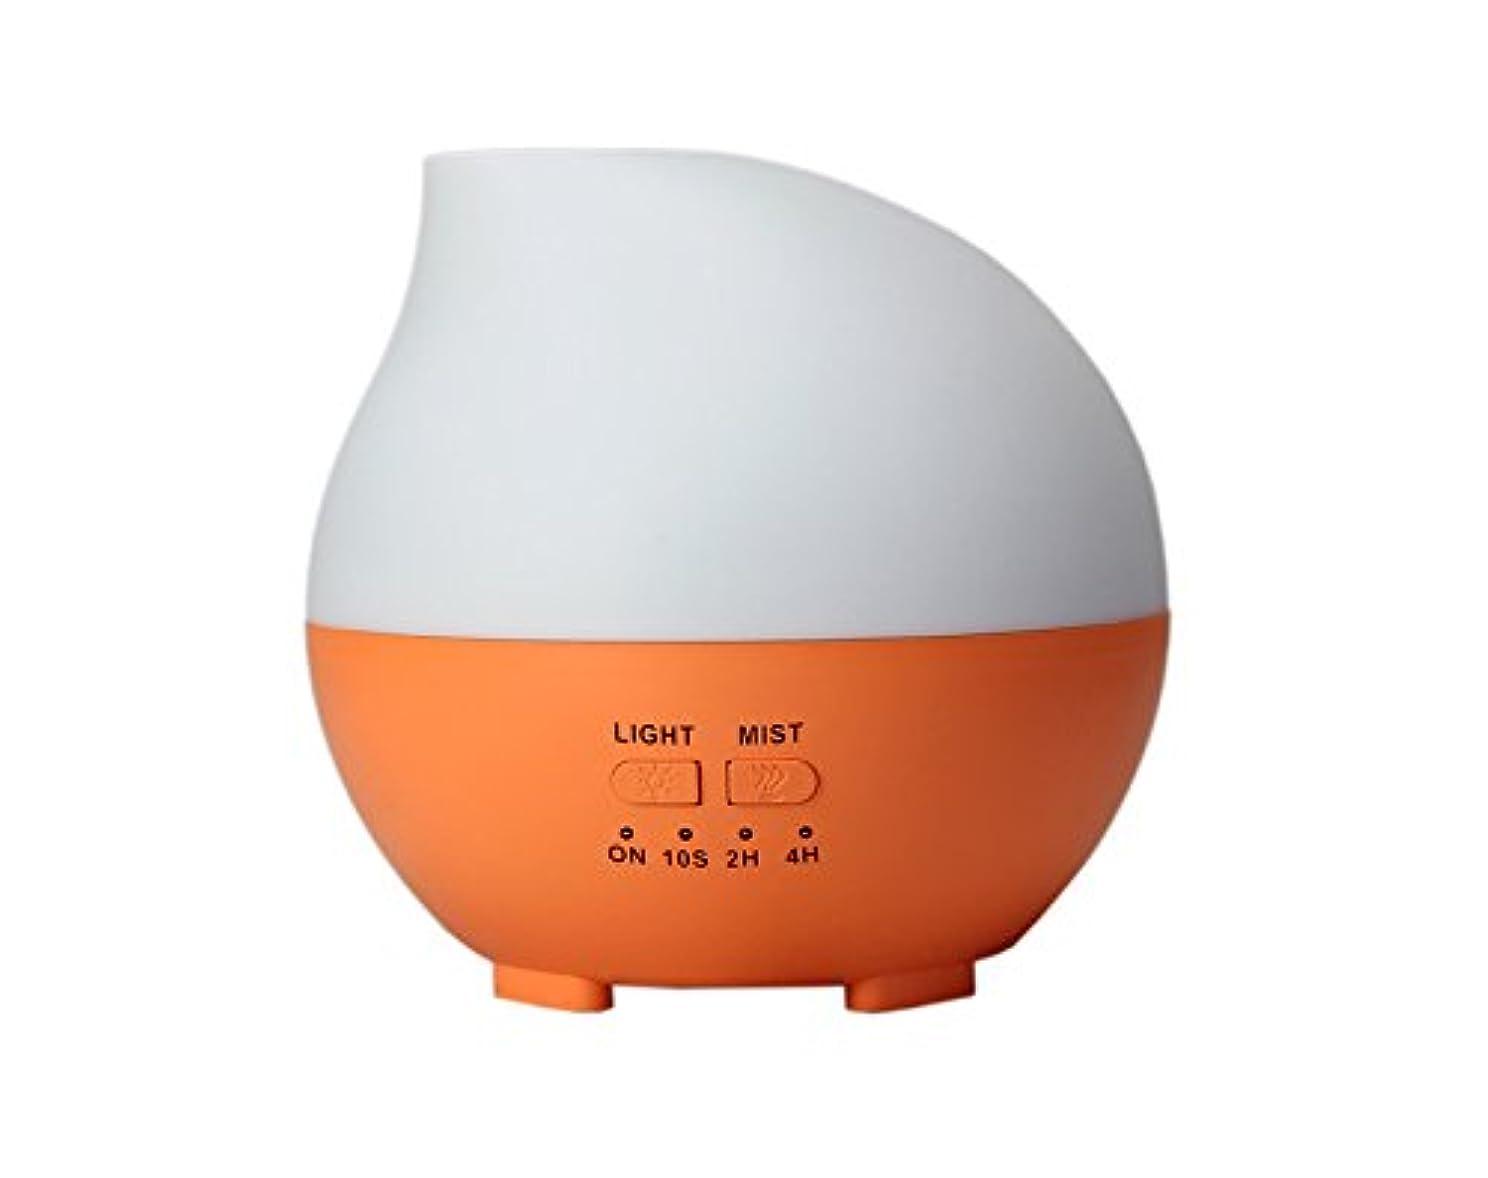 シーサイドシンクプロットLIBESON 加湿器 卓上 超音波 静音大容量 アロマディフューザー コンセント差し込み式 ムードランプ シンプル ホイップ型 オレンジ